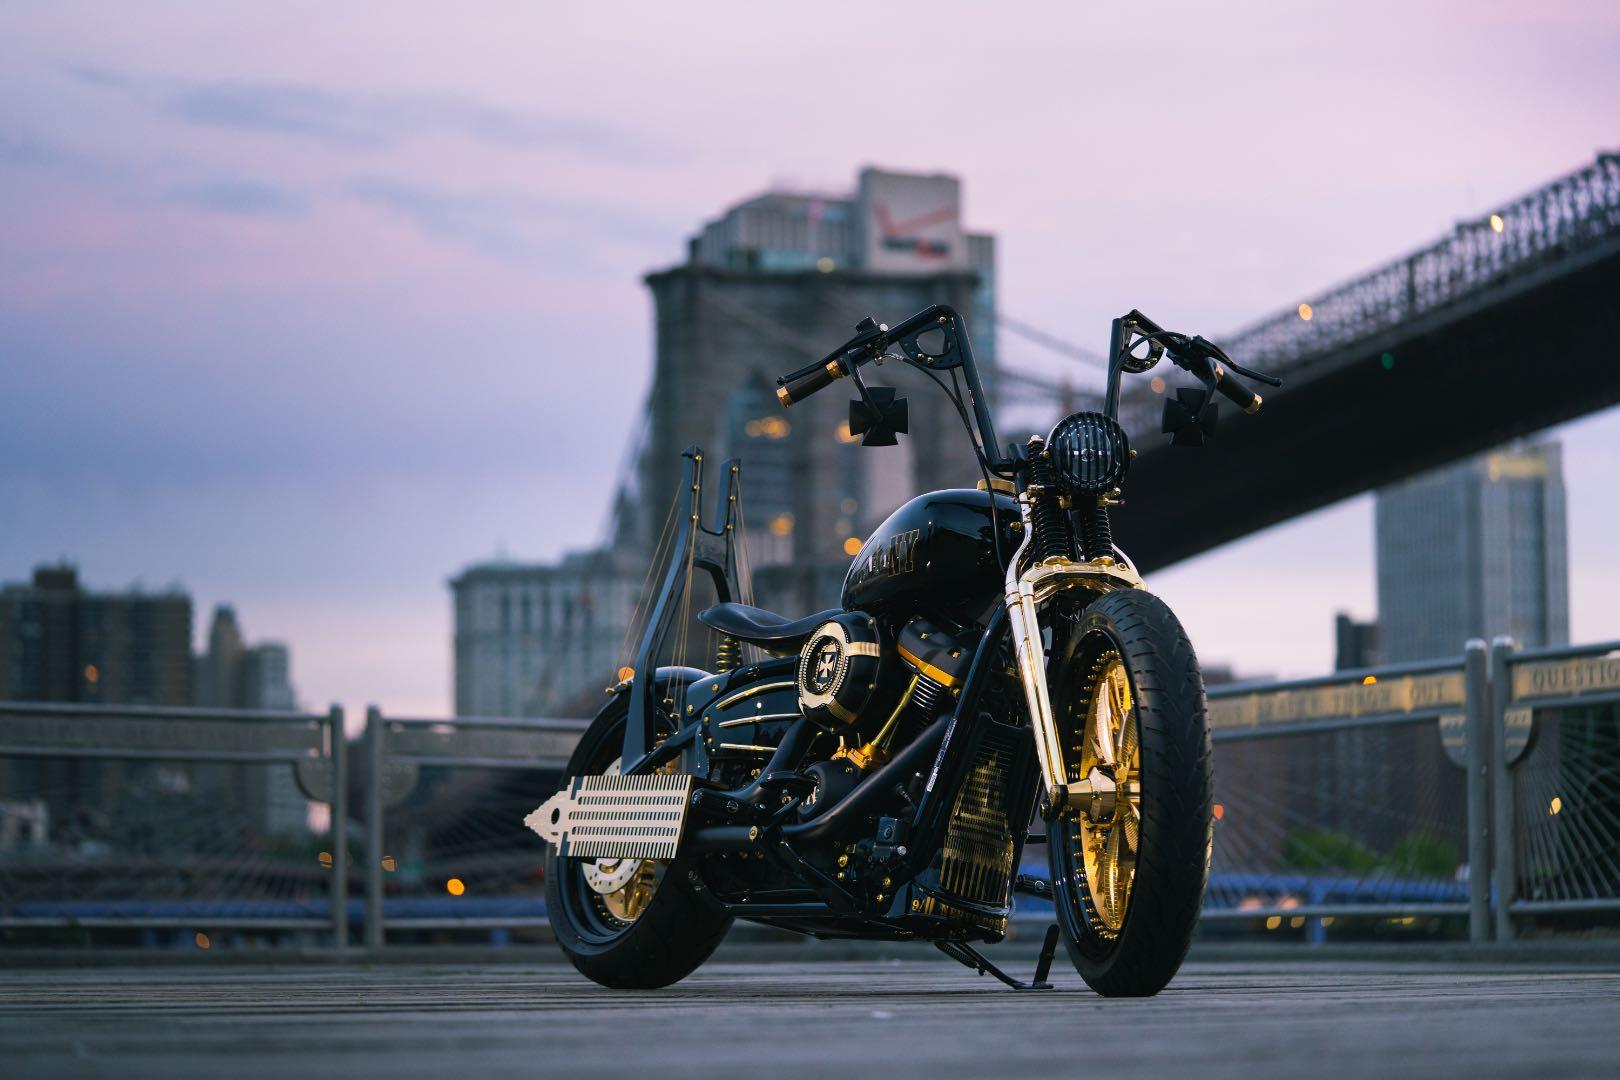 Harley-Davidson personalizada presta homenagem a Nova Yorque